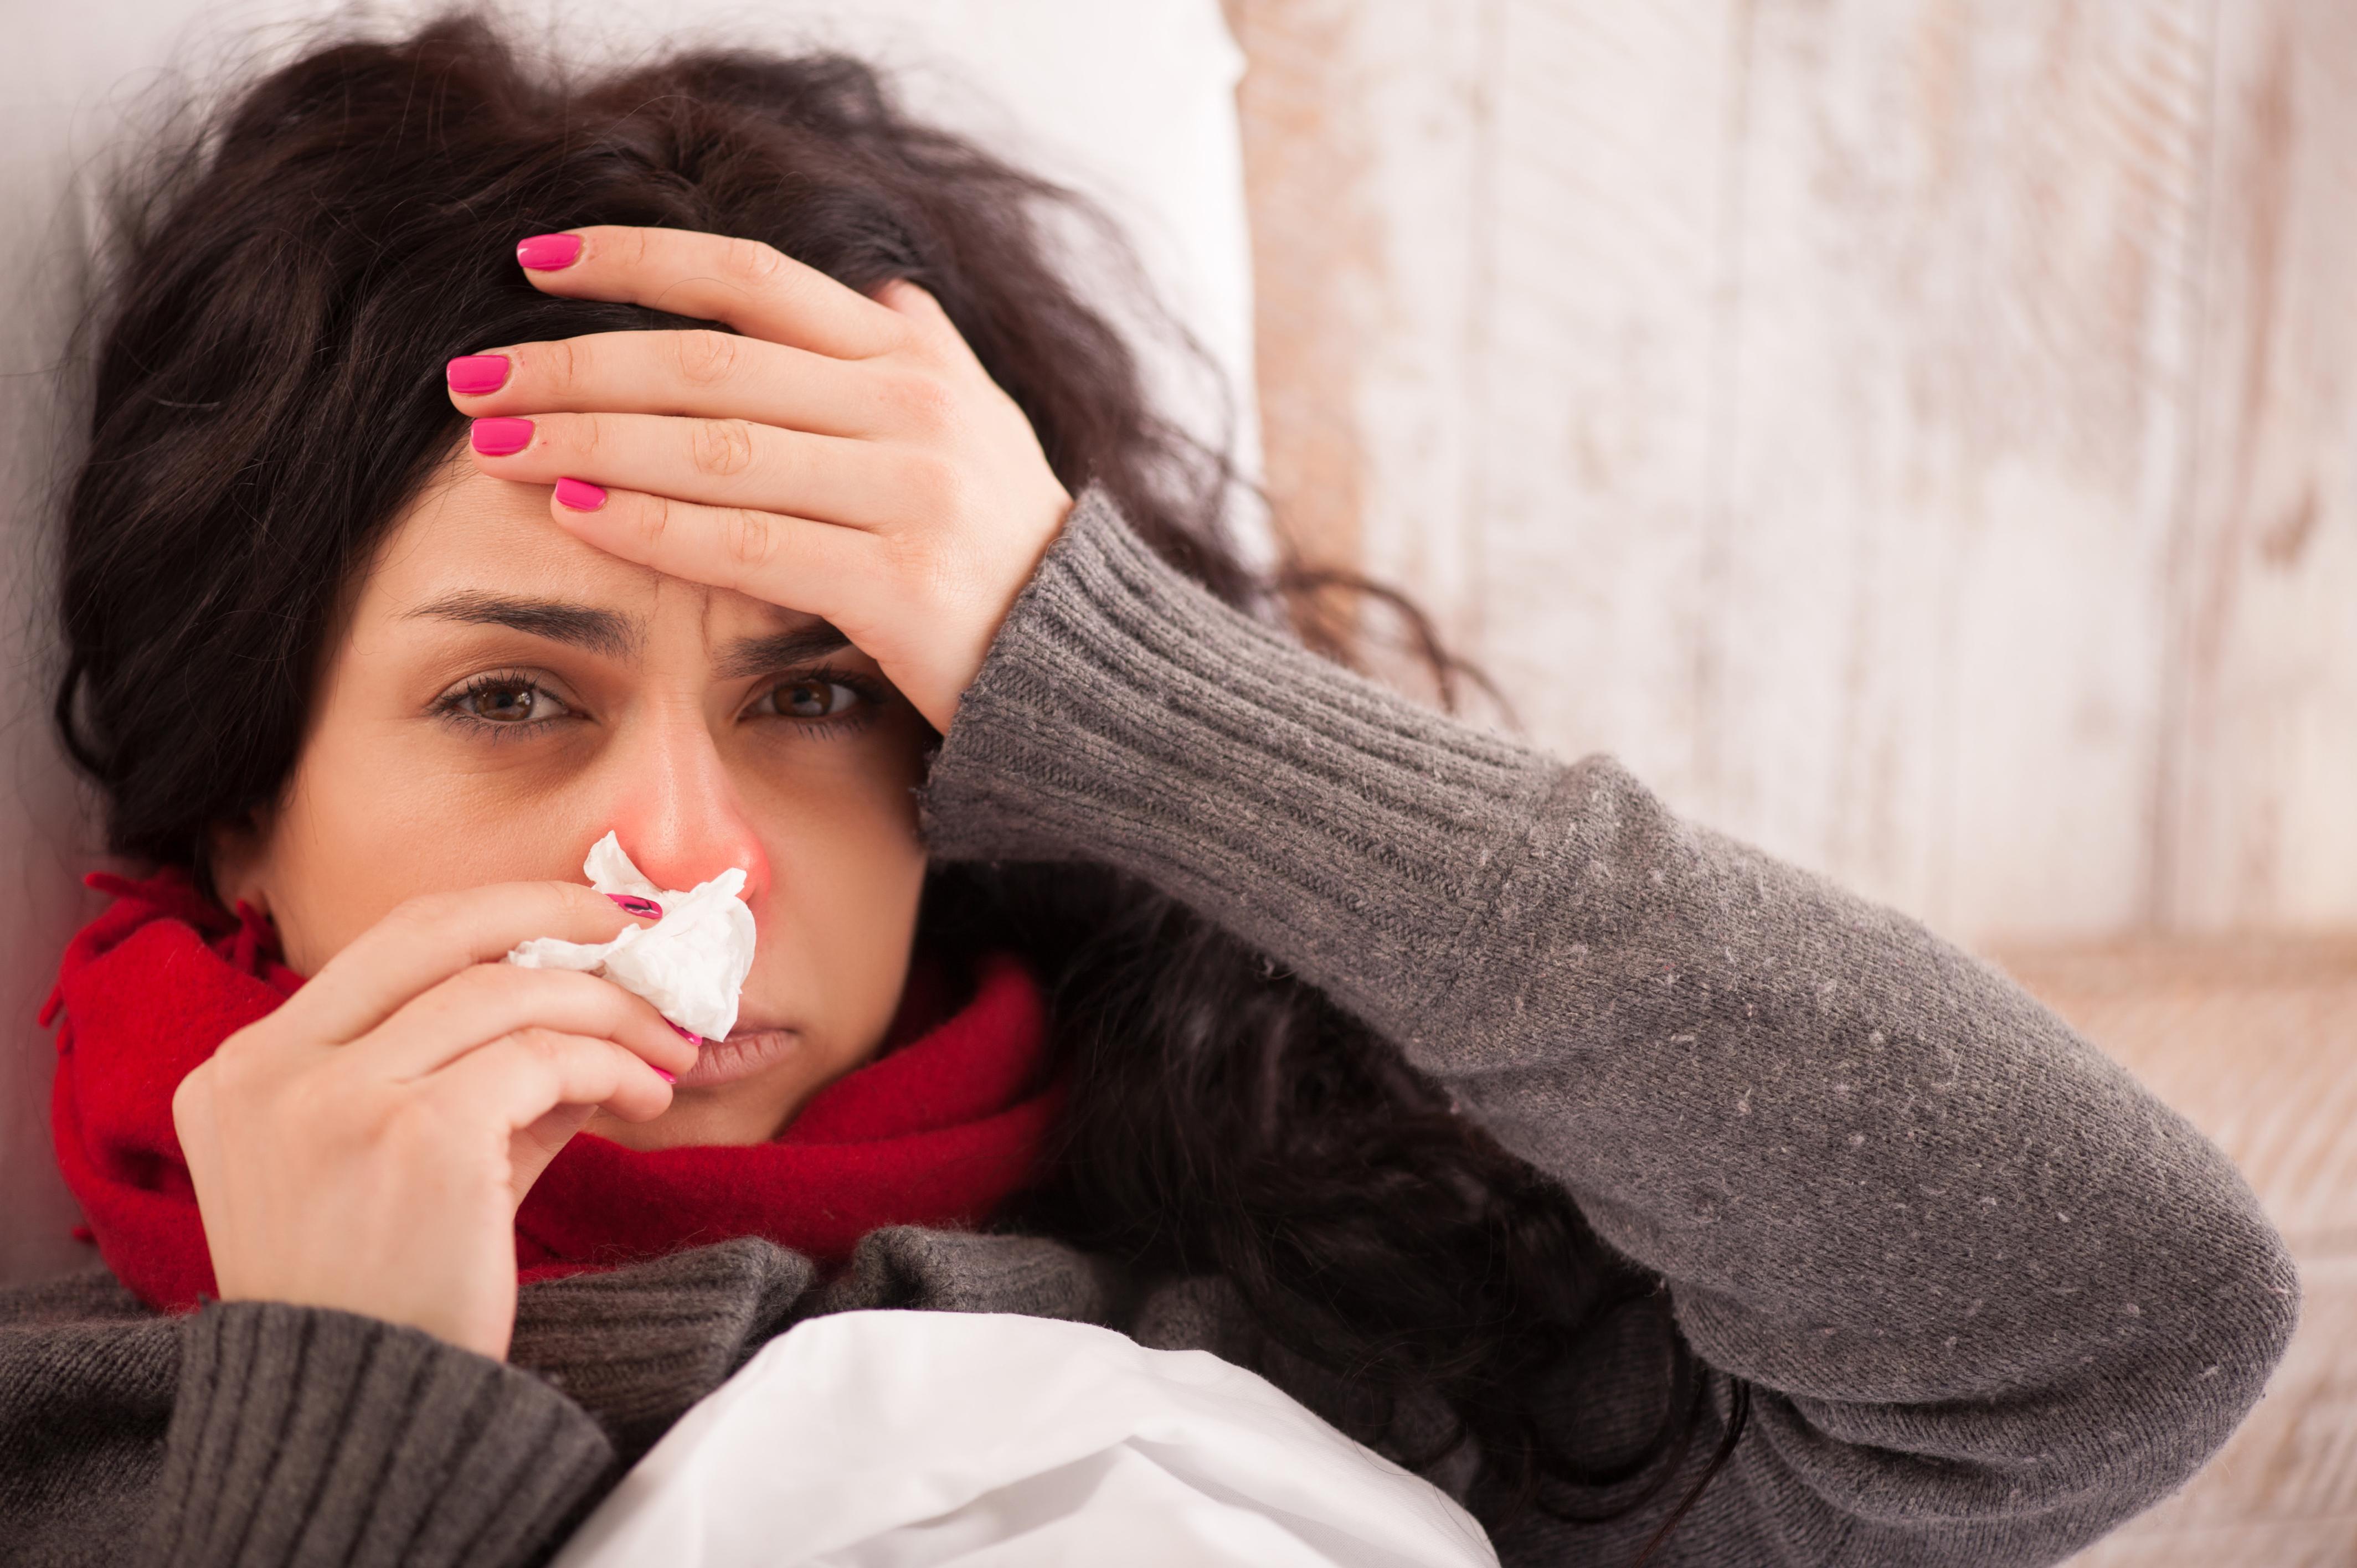 Весна без неприятных сюрпризов: что нужно знать опрофилактике простуд весной